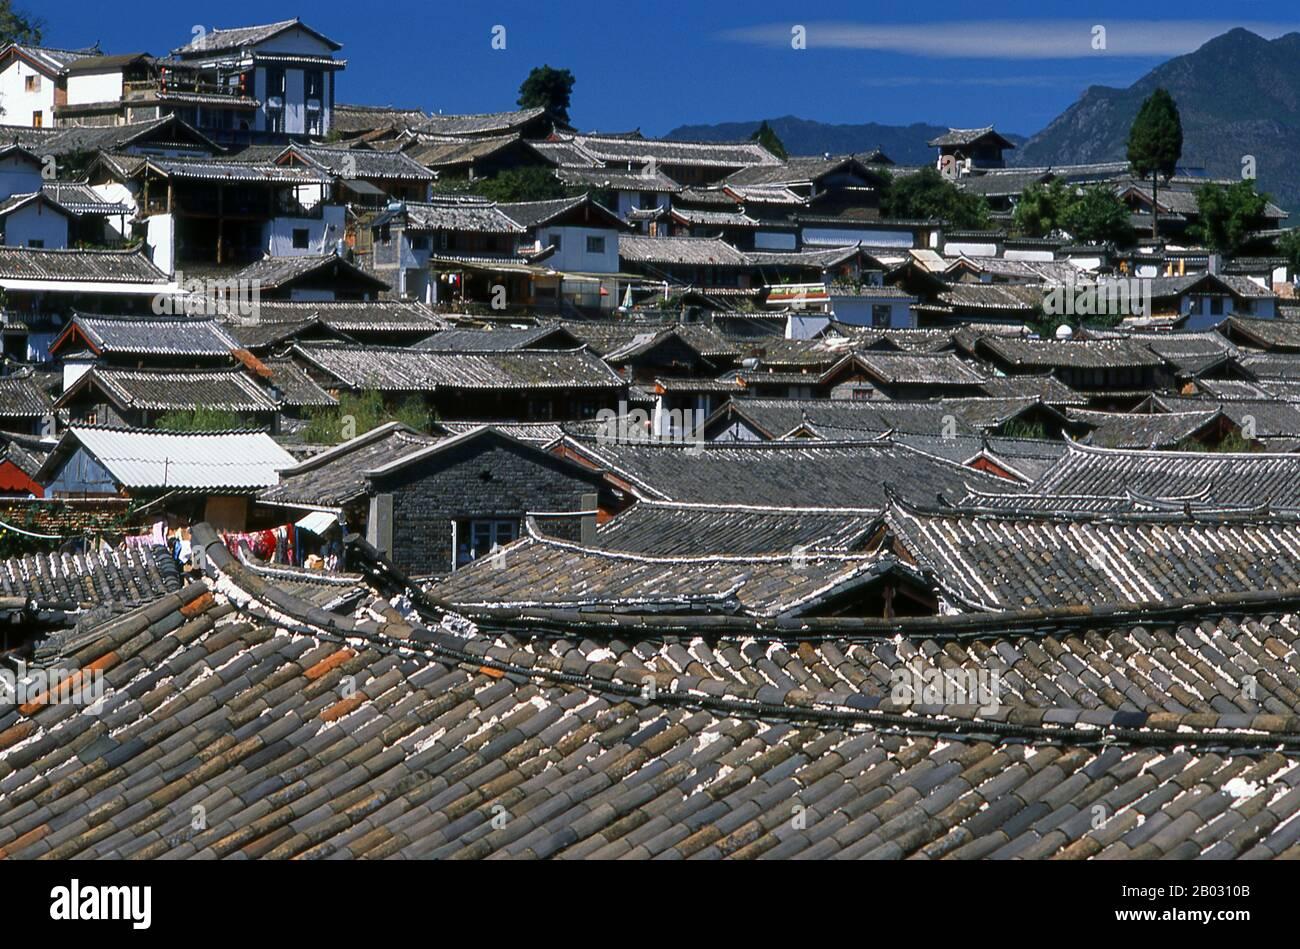 Los Naxi o Nakhi son un grupo étnico que habita las estribaciones del Himalaya en la parte noroeste de la provincia de Yunnan, así como la parte suroeste de la provincia de Sichuan en China. Se cree que los Naxi provienen originalmente del Tíbet y, hasta hace poco, mantuvieron vínculos comerciales terrestres con Lhasa e India. Los Naxi forman uno de los 56 grupos étnicos oficialmente reconocidos por la República Popular de China. Los Naxi son tradicionalmente seguidores de la religión Dongba. A través de influencias culturales tanto chinas como tibetanas, adoptaron el Budismo Tibetano y, en menor medida, el Taois Foto de stock